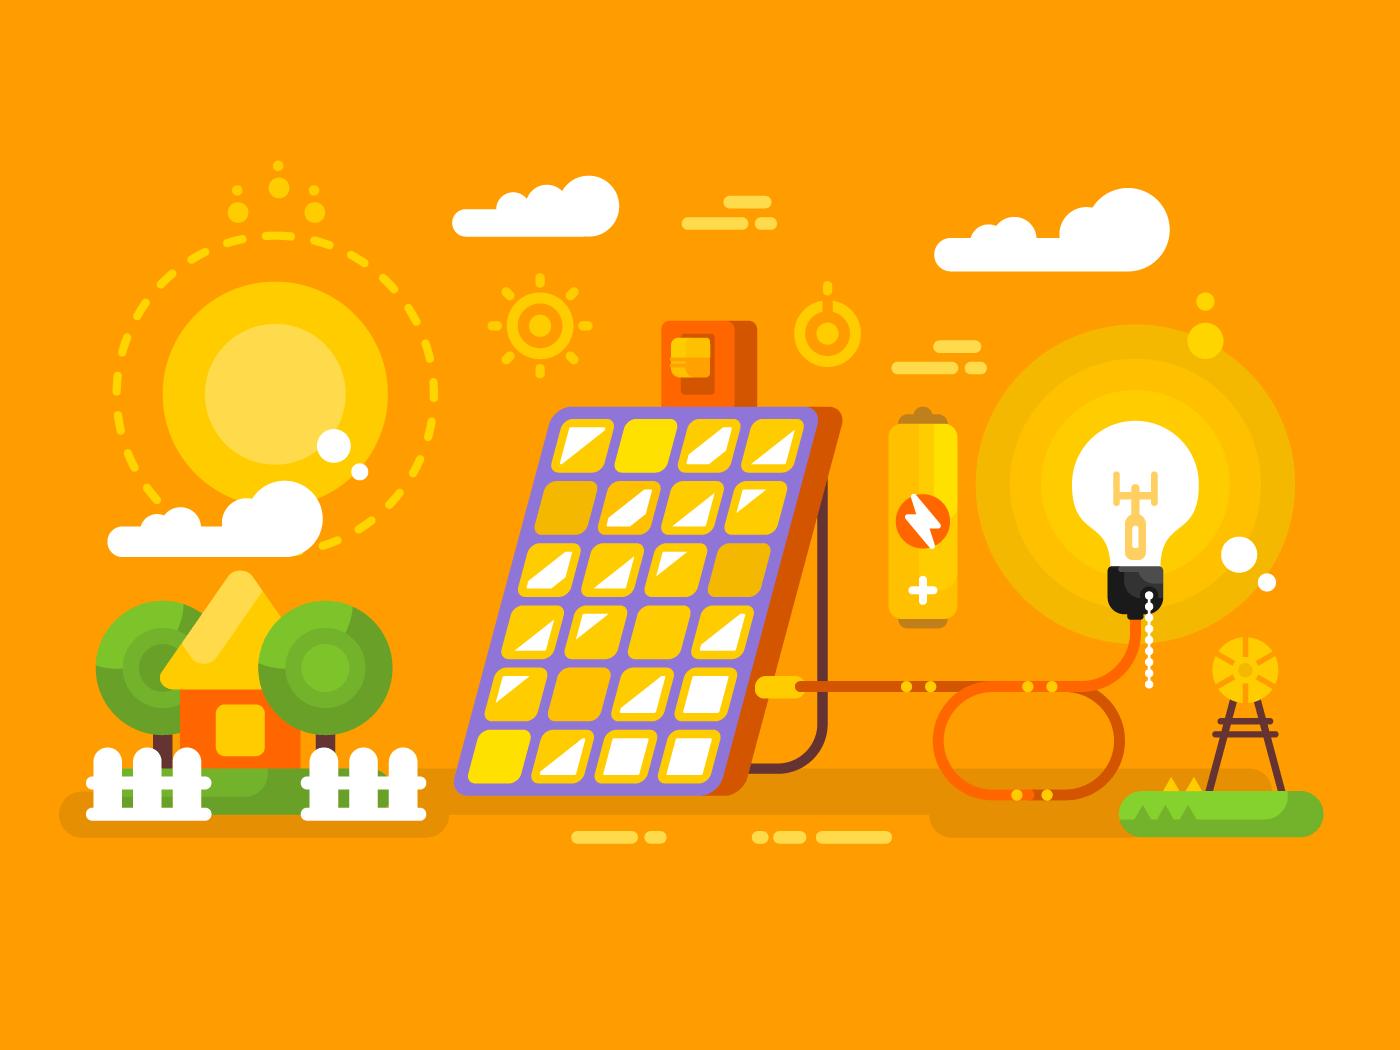 Solar battery flat vector illustration